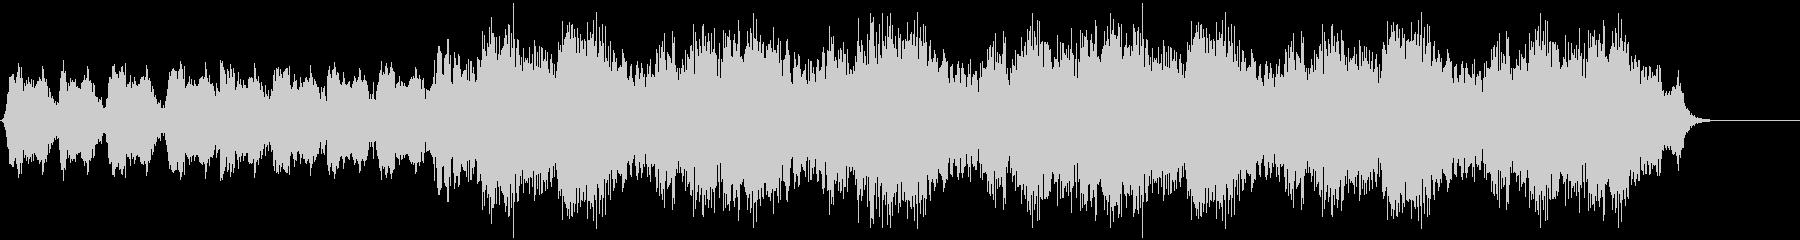 低音ベースのリズミカルなエアリリー...の未再生の波形